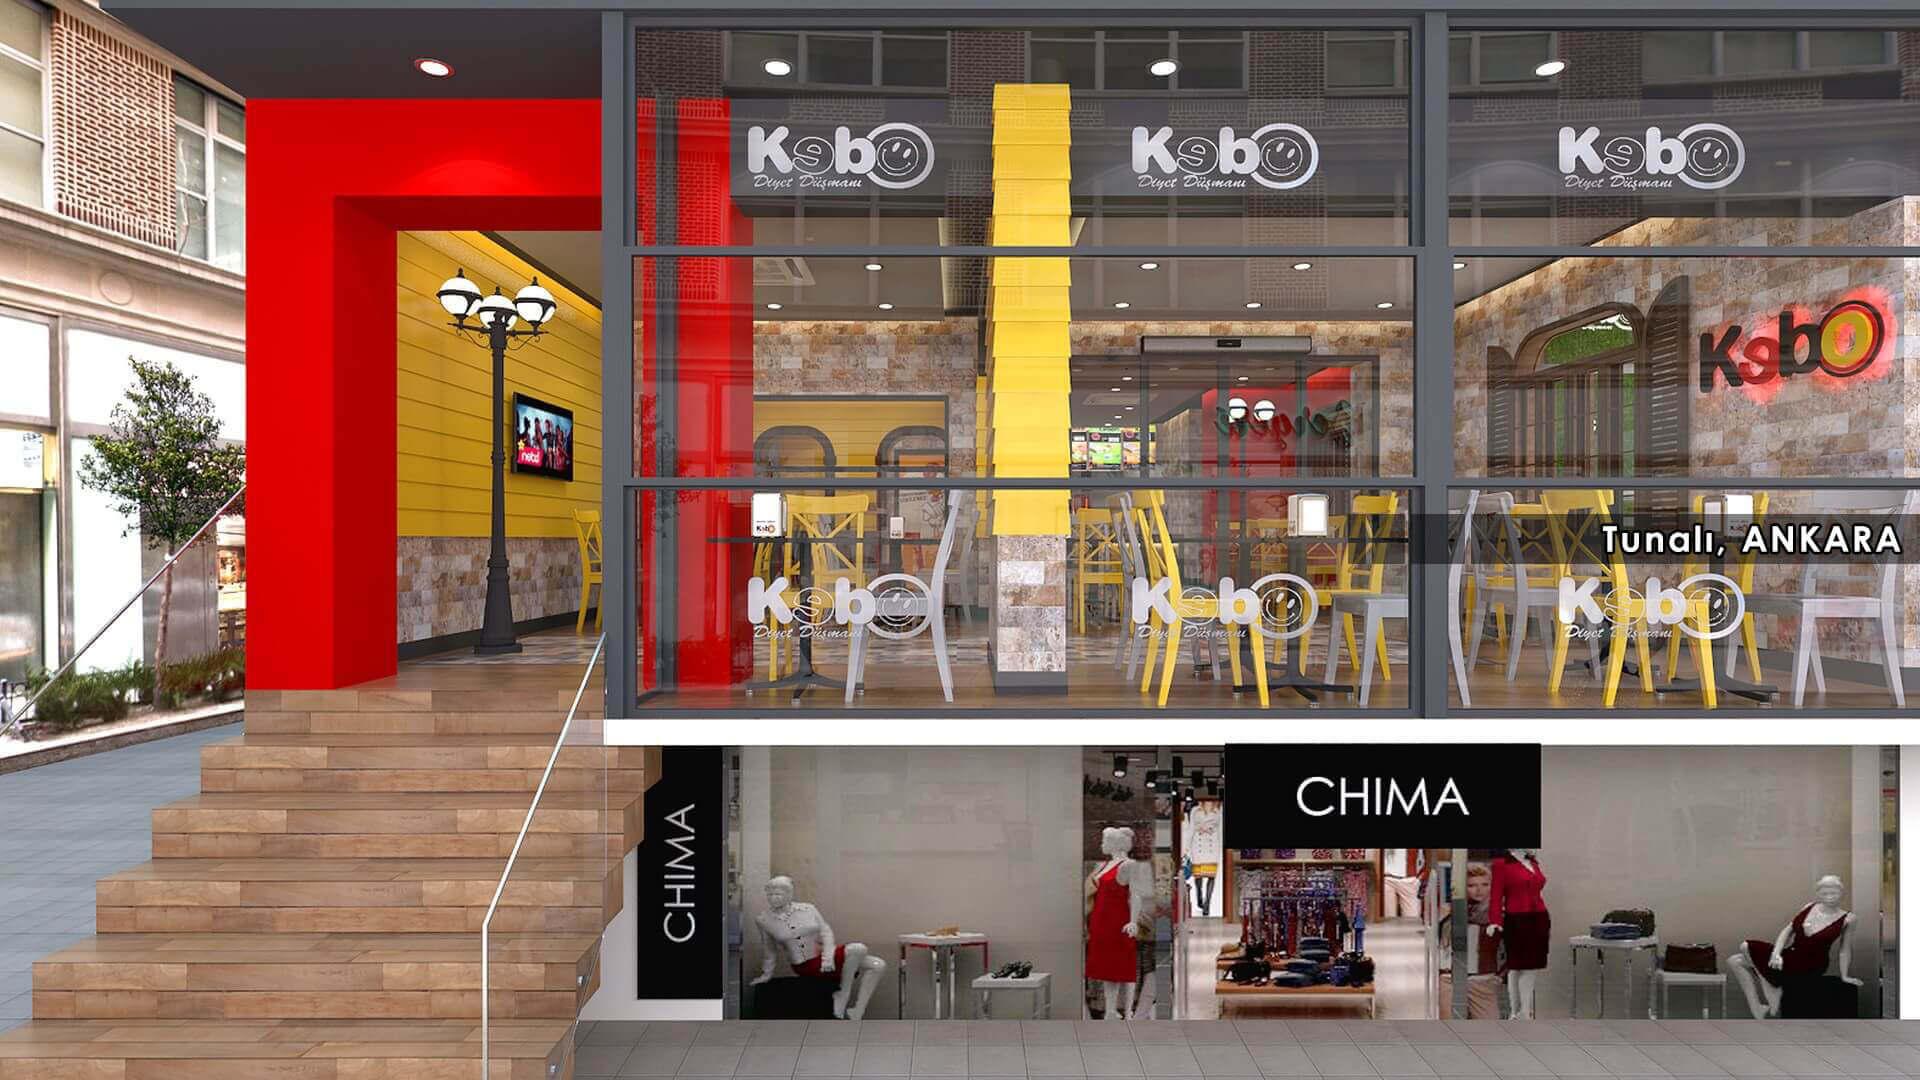 Restaurant design 2111 Kebo 2016 Restaurants